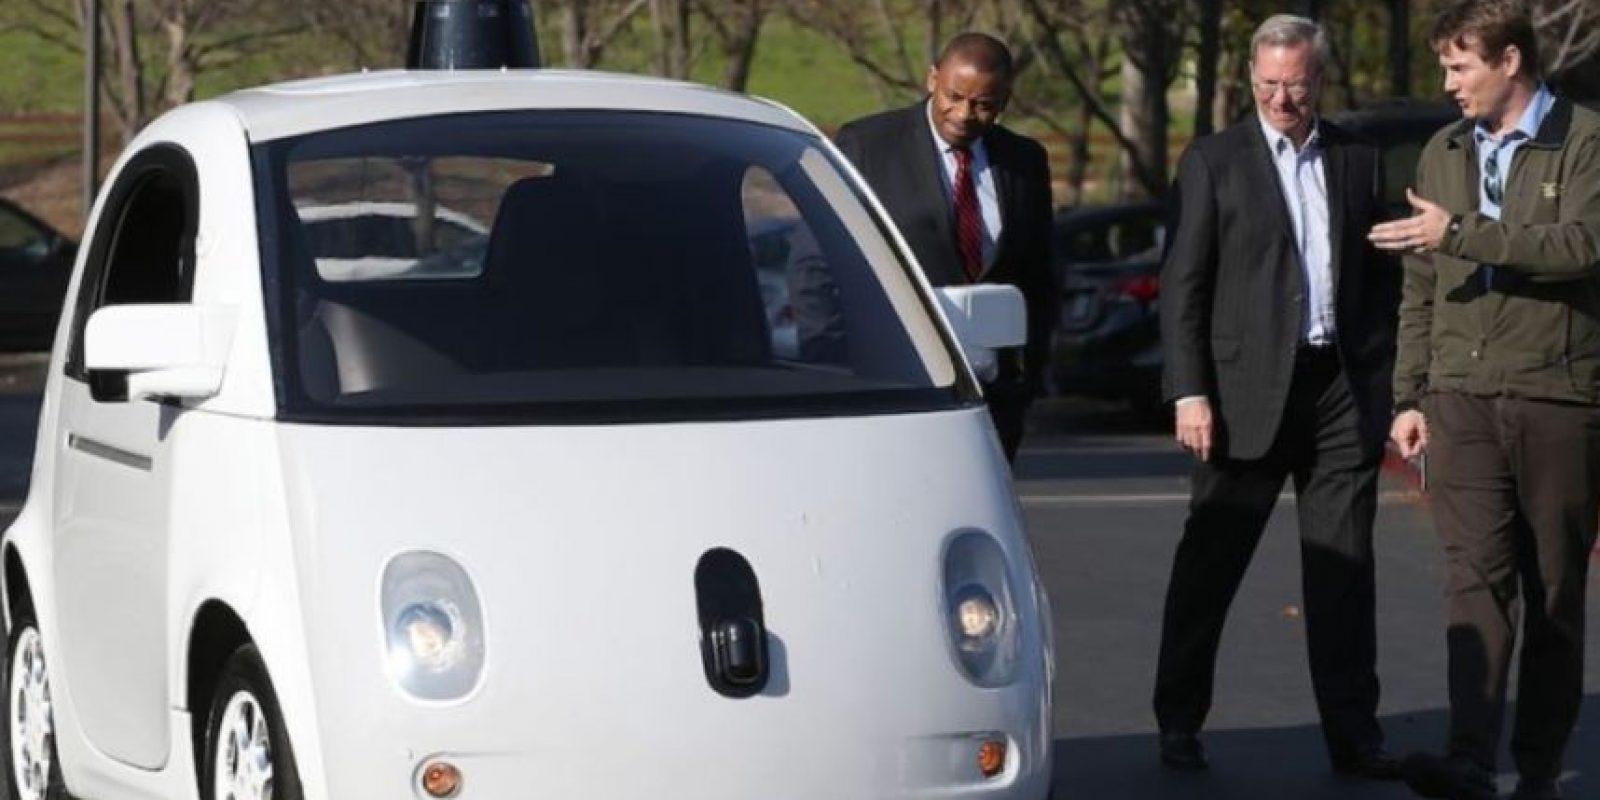 Una ocasión fue a causa de que un automovilista se pasó una señal que indicaba detenerse. Foto:Getty Images